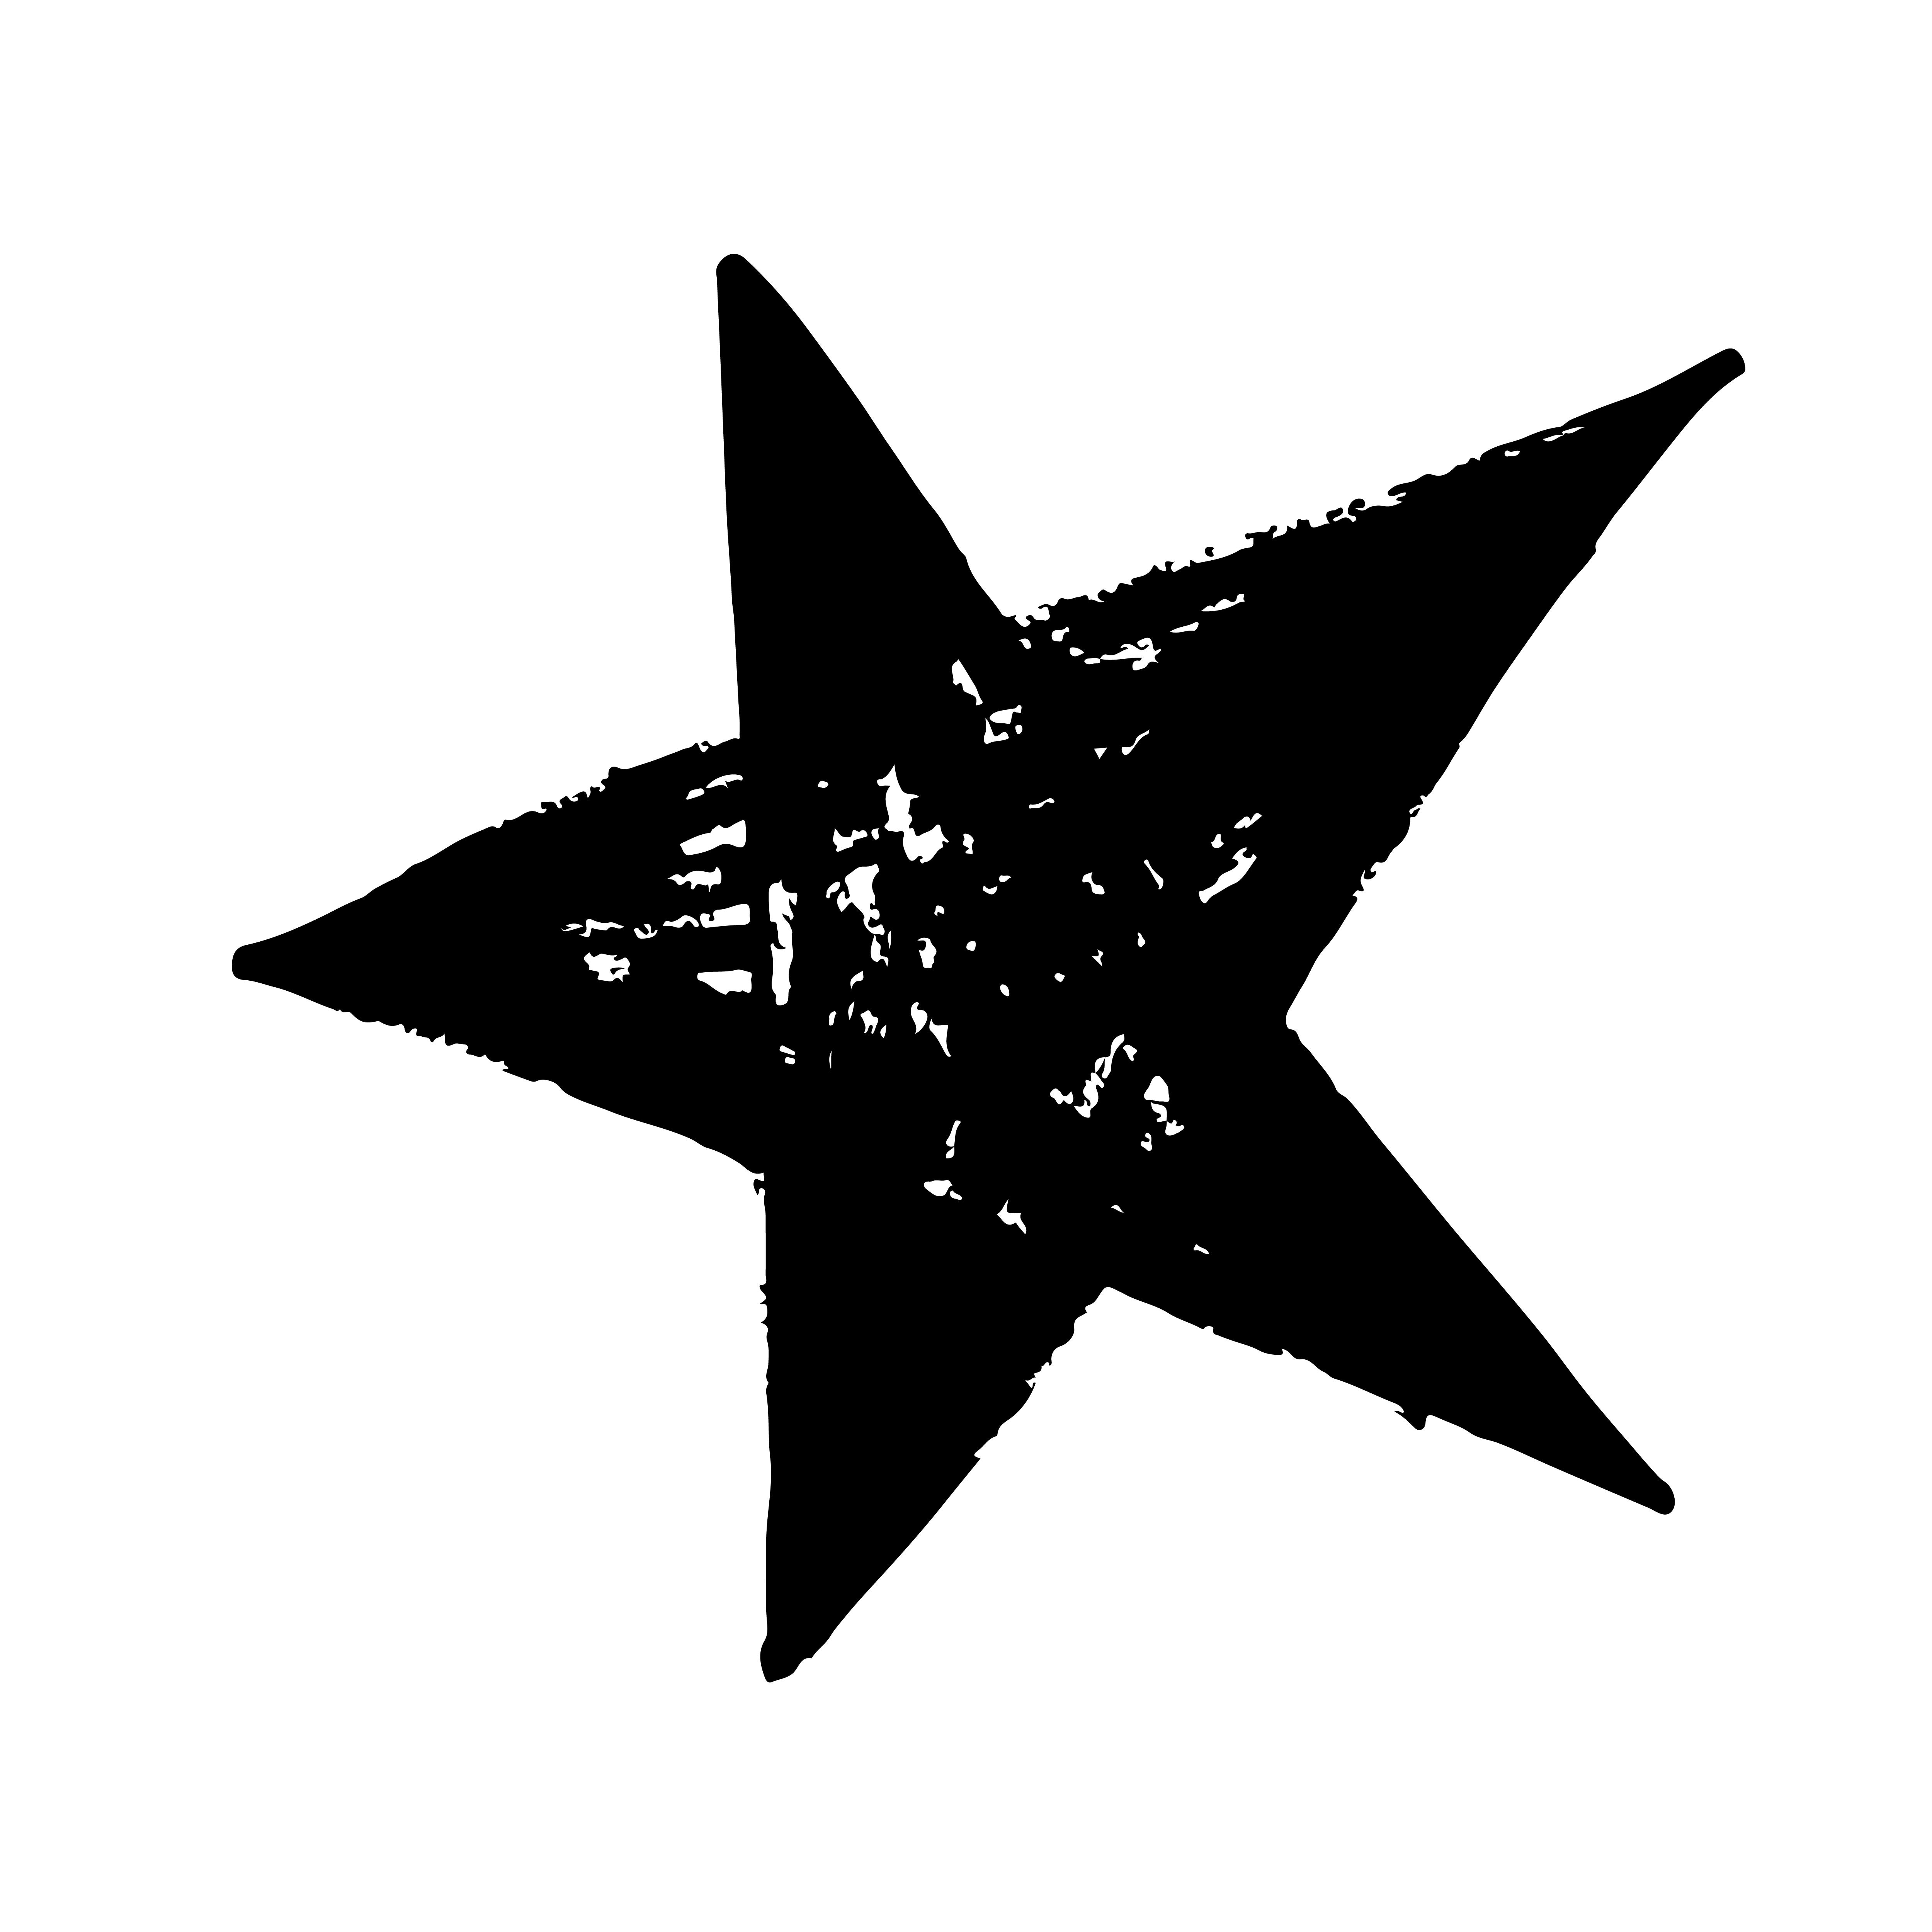 可愛星星 免費下載 | 天天瘋後製